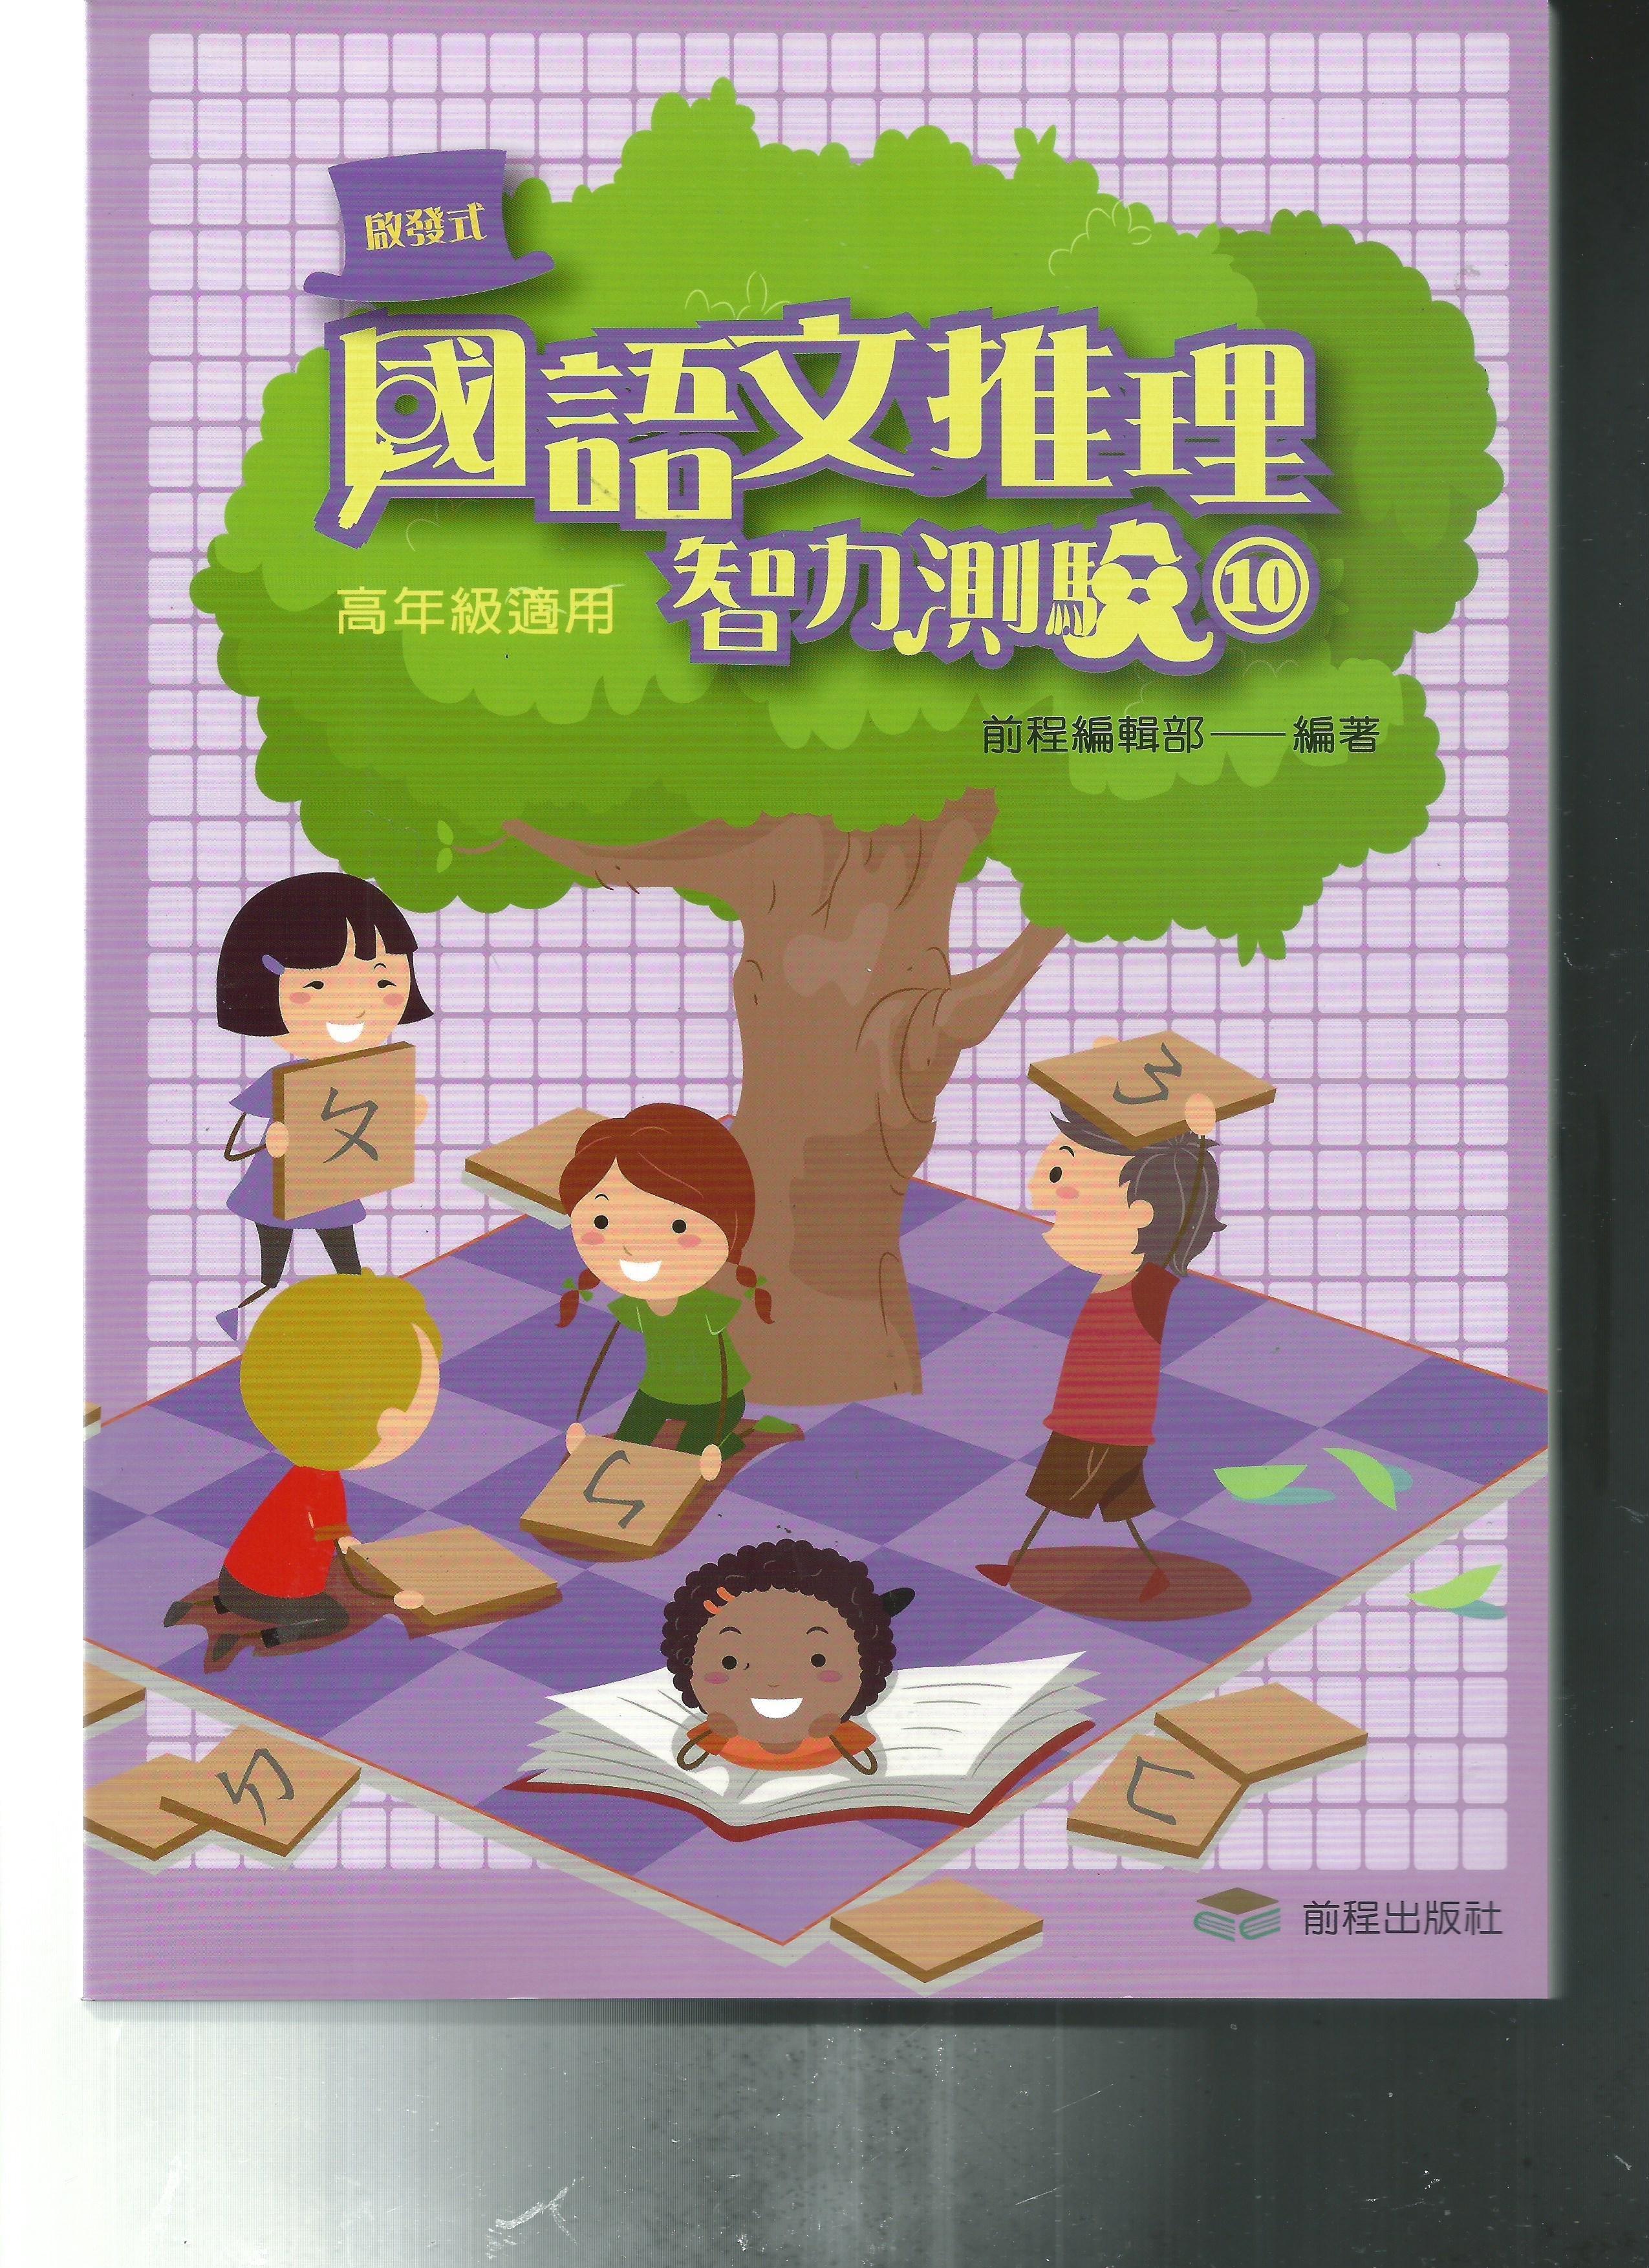 前程. 啟發式國語文推理智力測驗(10)-高年級